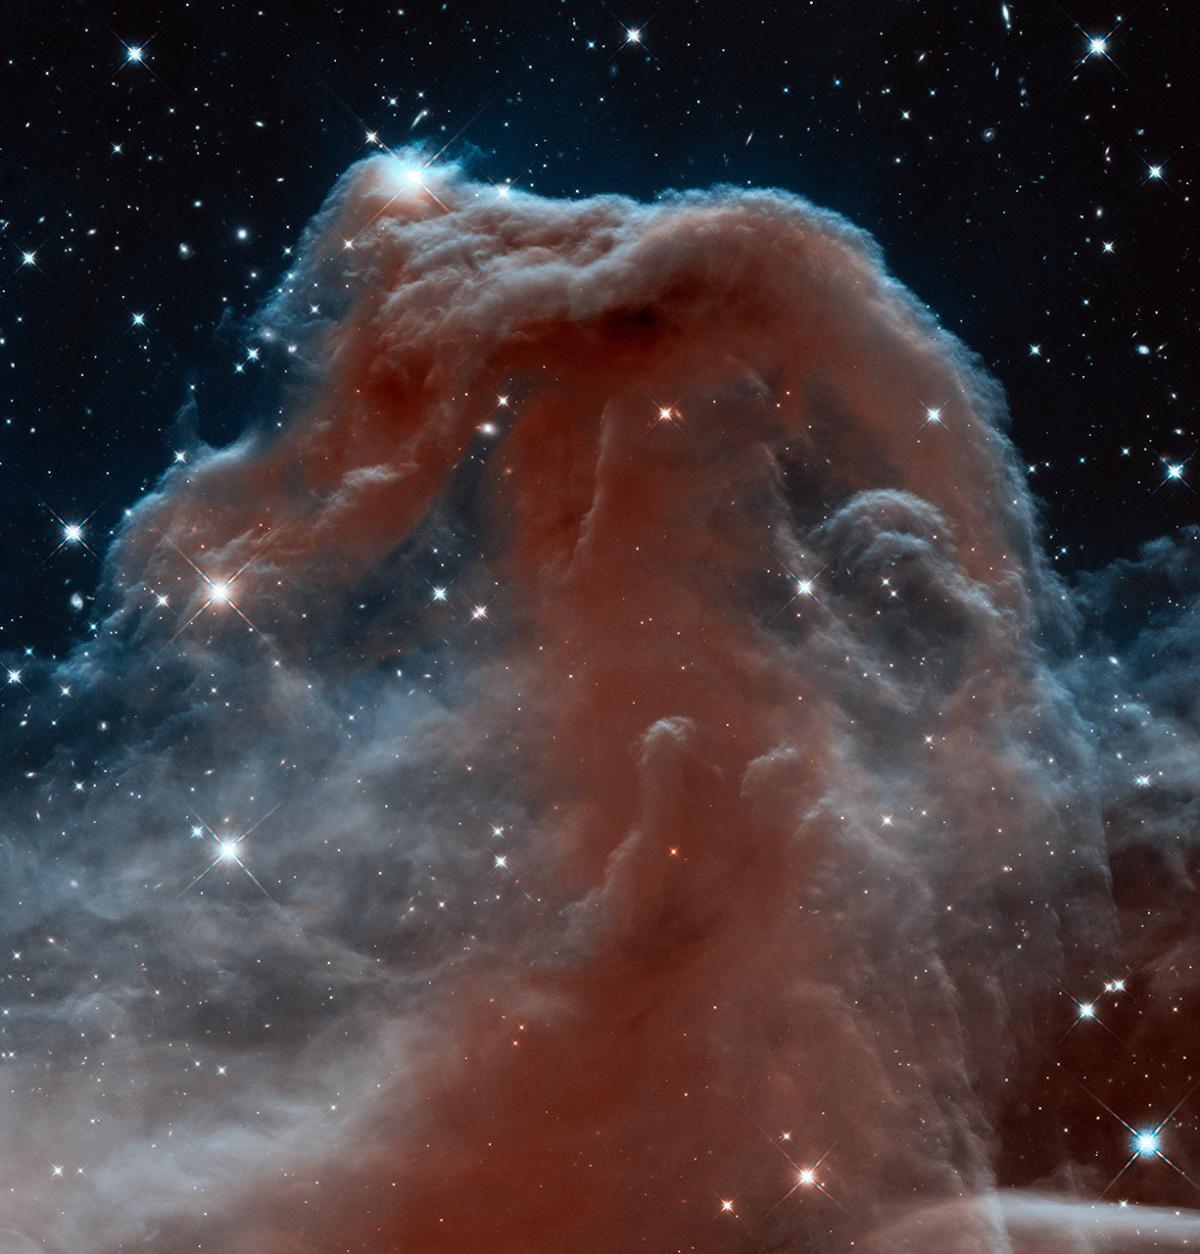 NASA/ESA Hubble